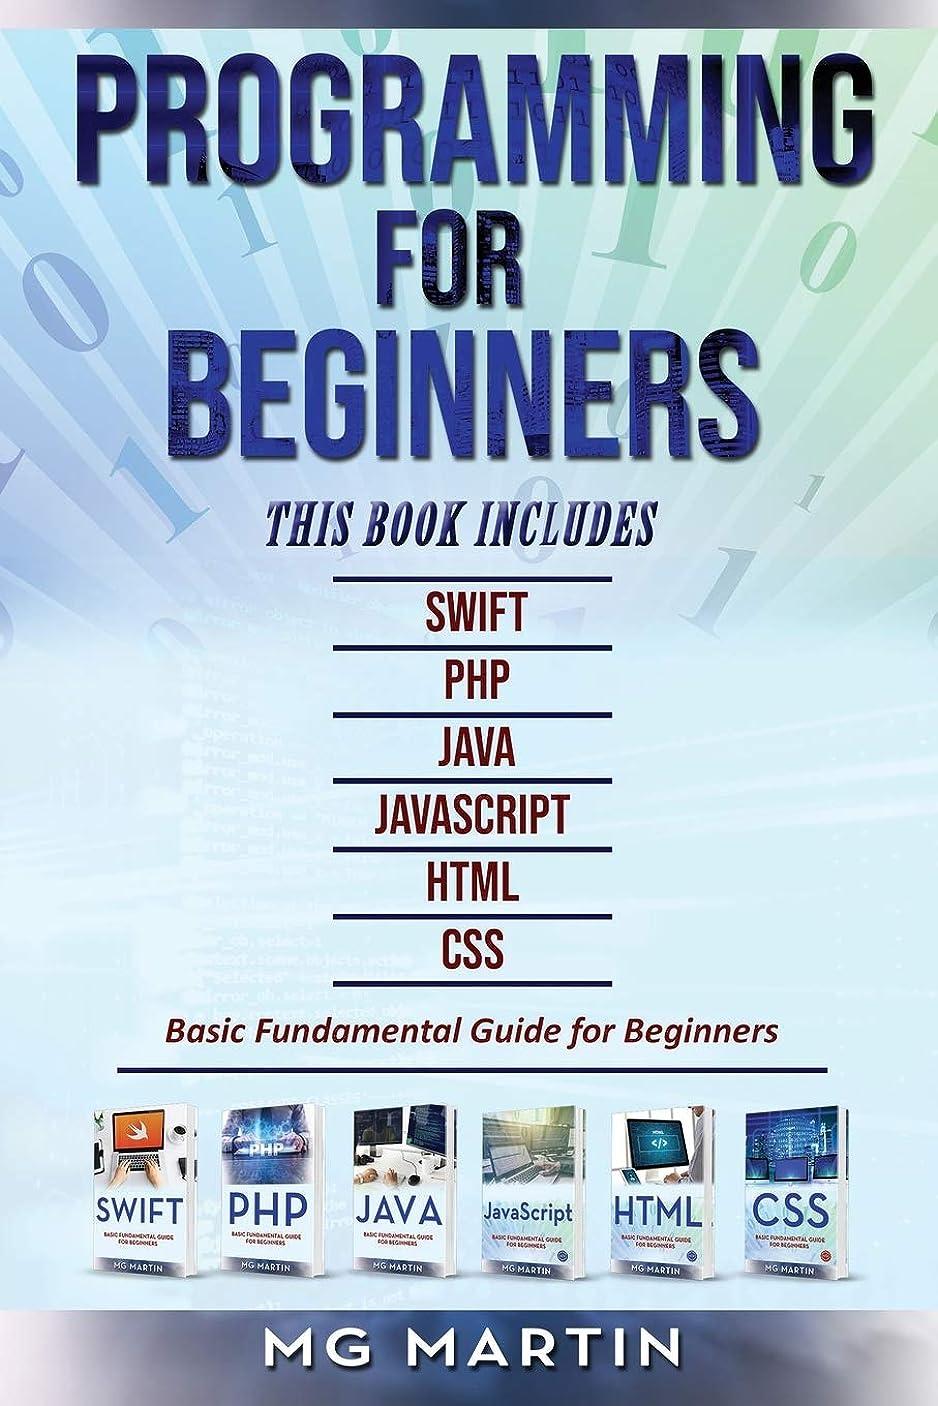 もう一度しないヒットProgramming for Beginners: 6 Books in 1 - Swift+PHP+Java+Javascript+Html+CSS: Basic Fundamental Guide for Beginners